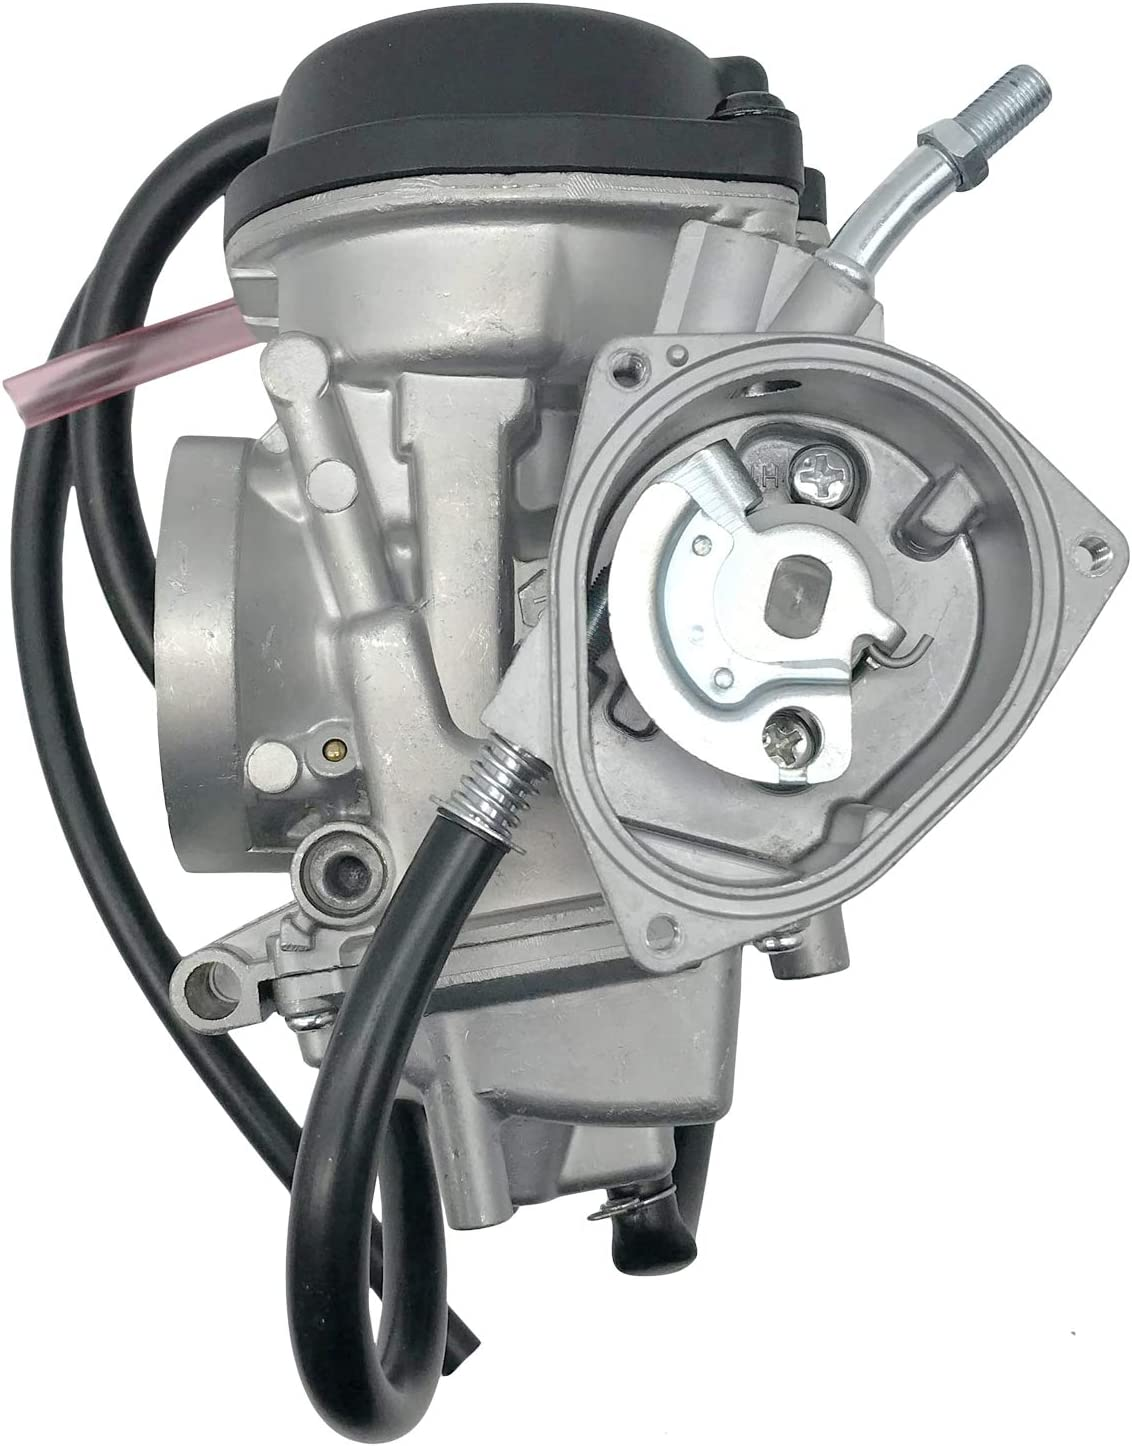 Carbman ltz400 carburetor For SUZUKI LTZ400 LTZ 400 QUAD ATV 2003 2004 2005 2006 2007